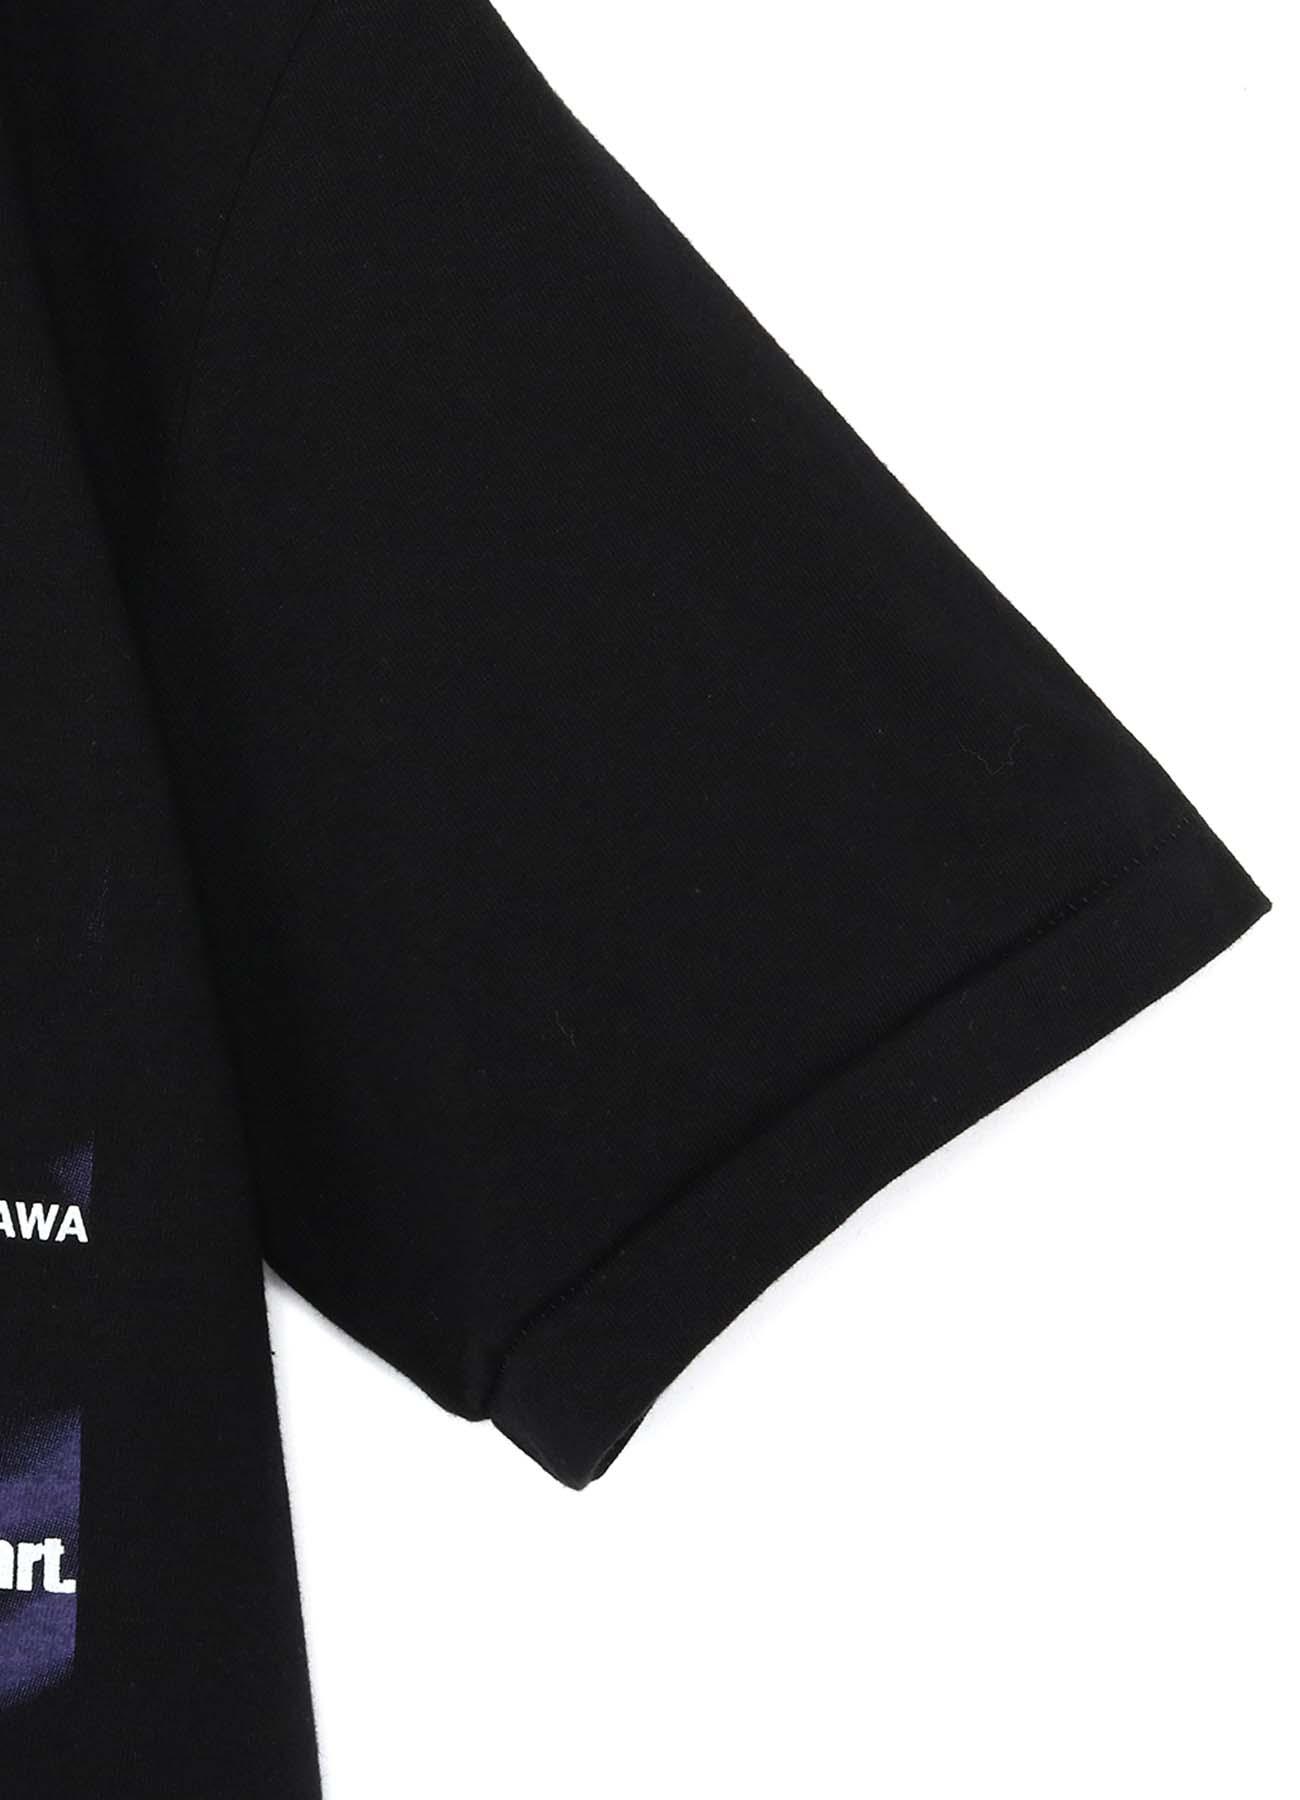 S'YTE × Fluence Collaboration T-shirt <MAKOTO AYUKAWA>